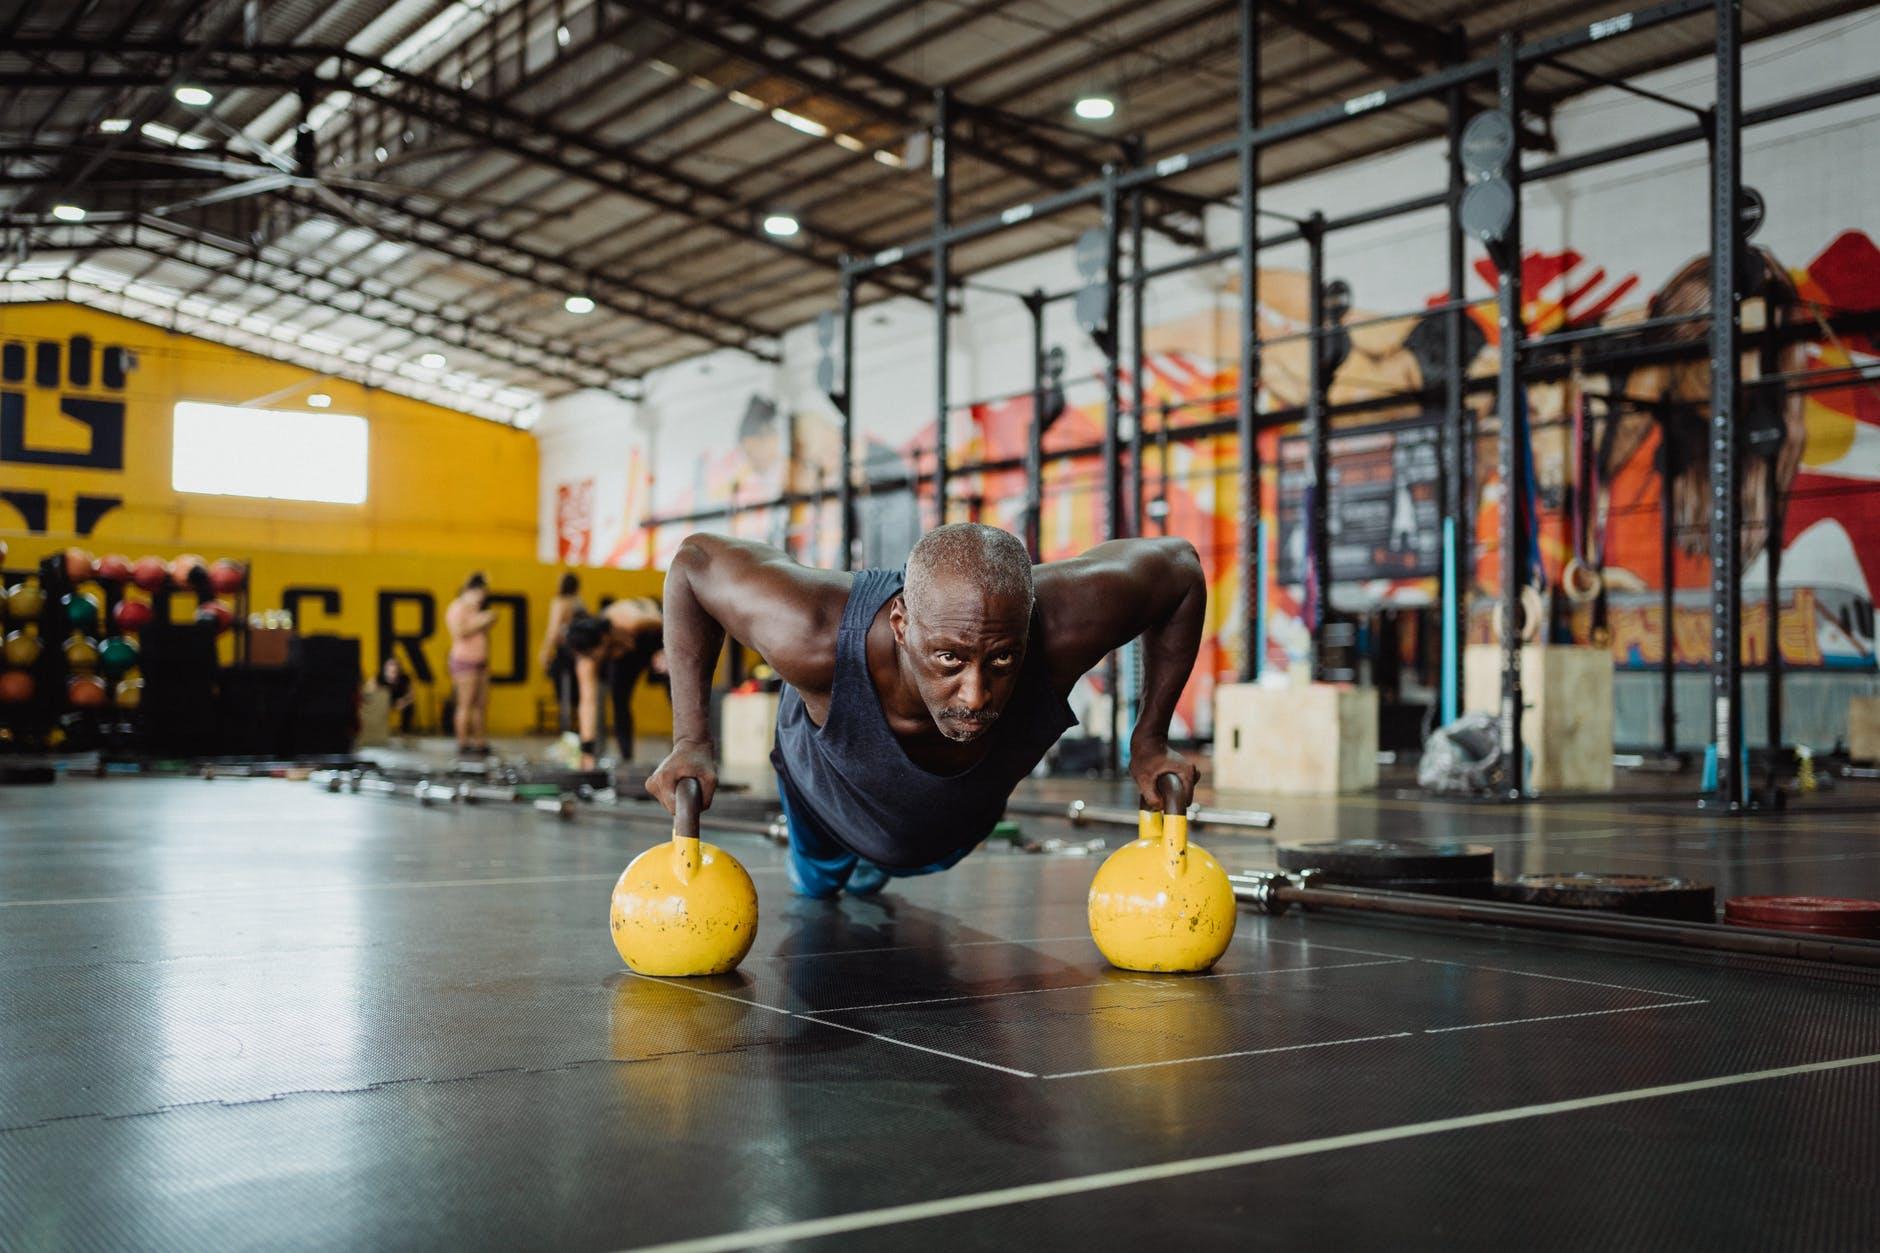 Gym for beginner